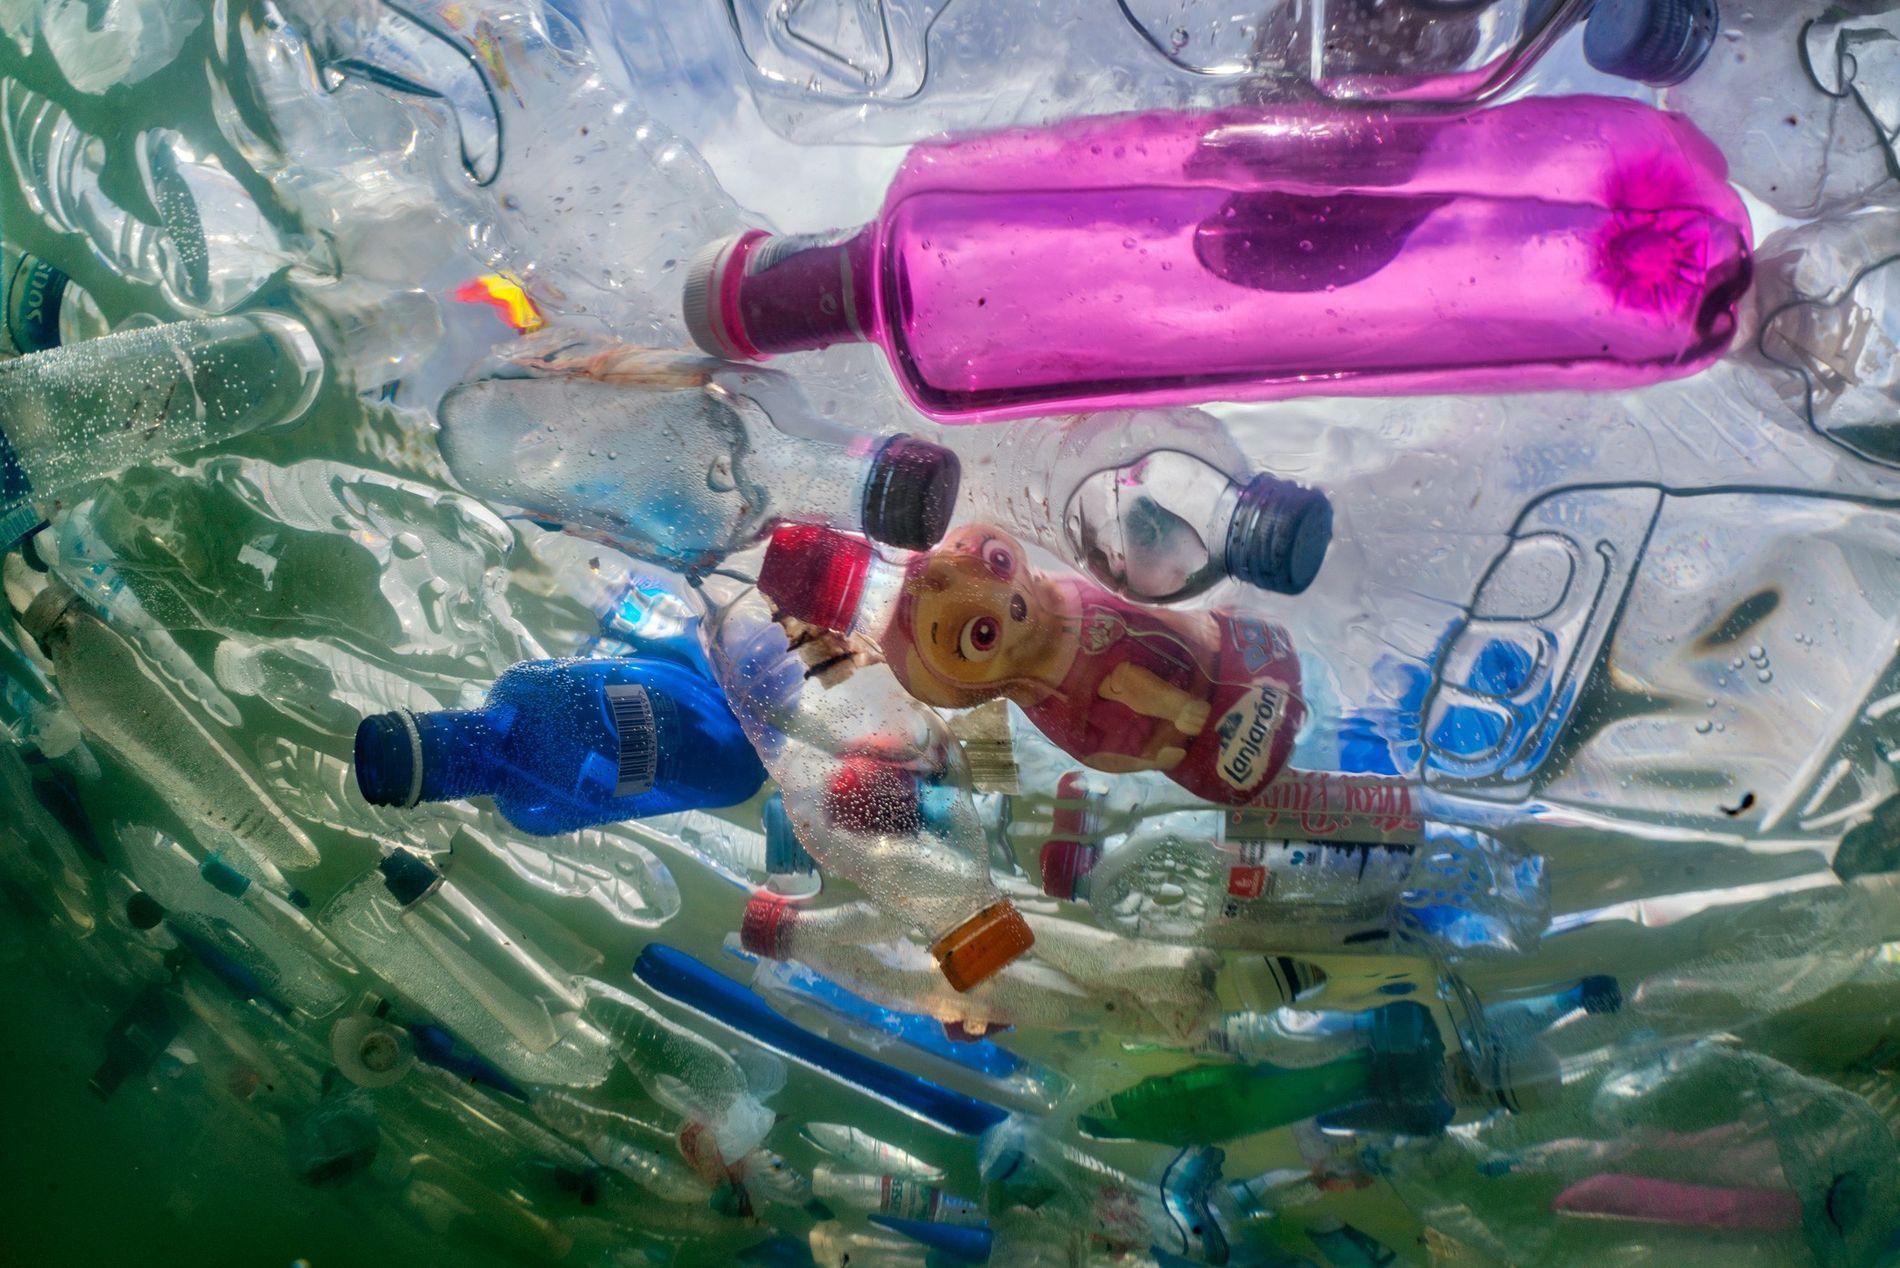 Garrafas de plástico ocupam as águas da Fonte Cibeles, em Madrid.